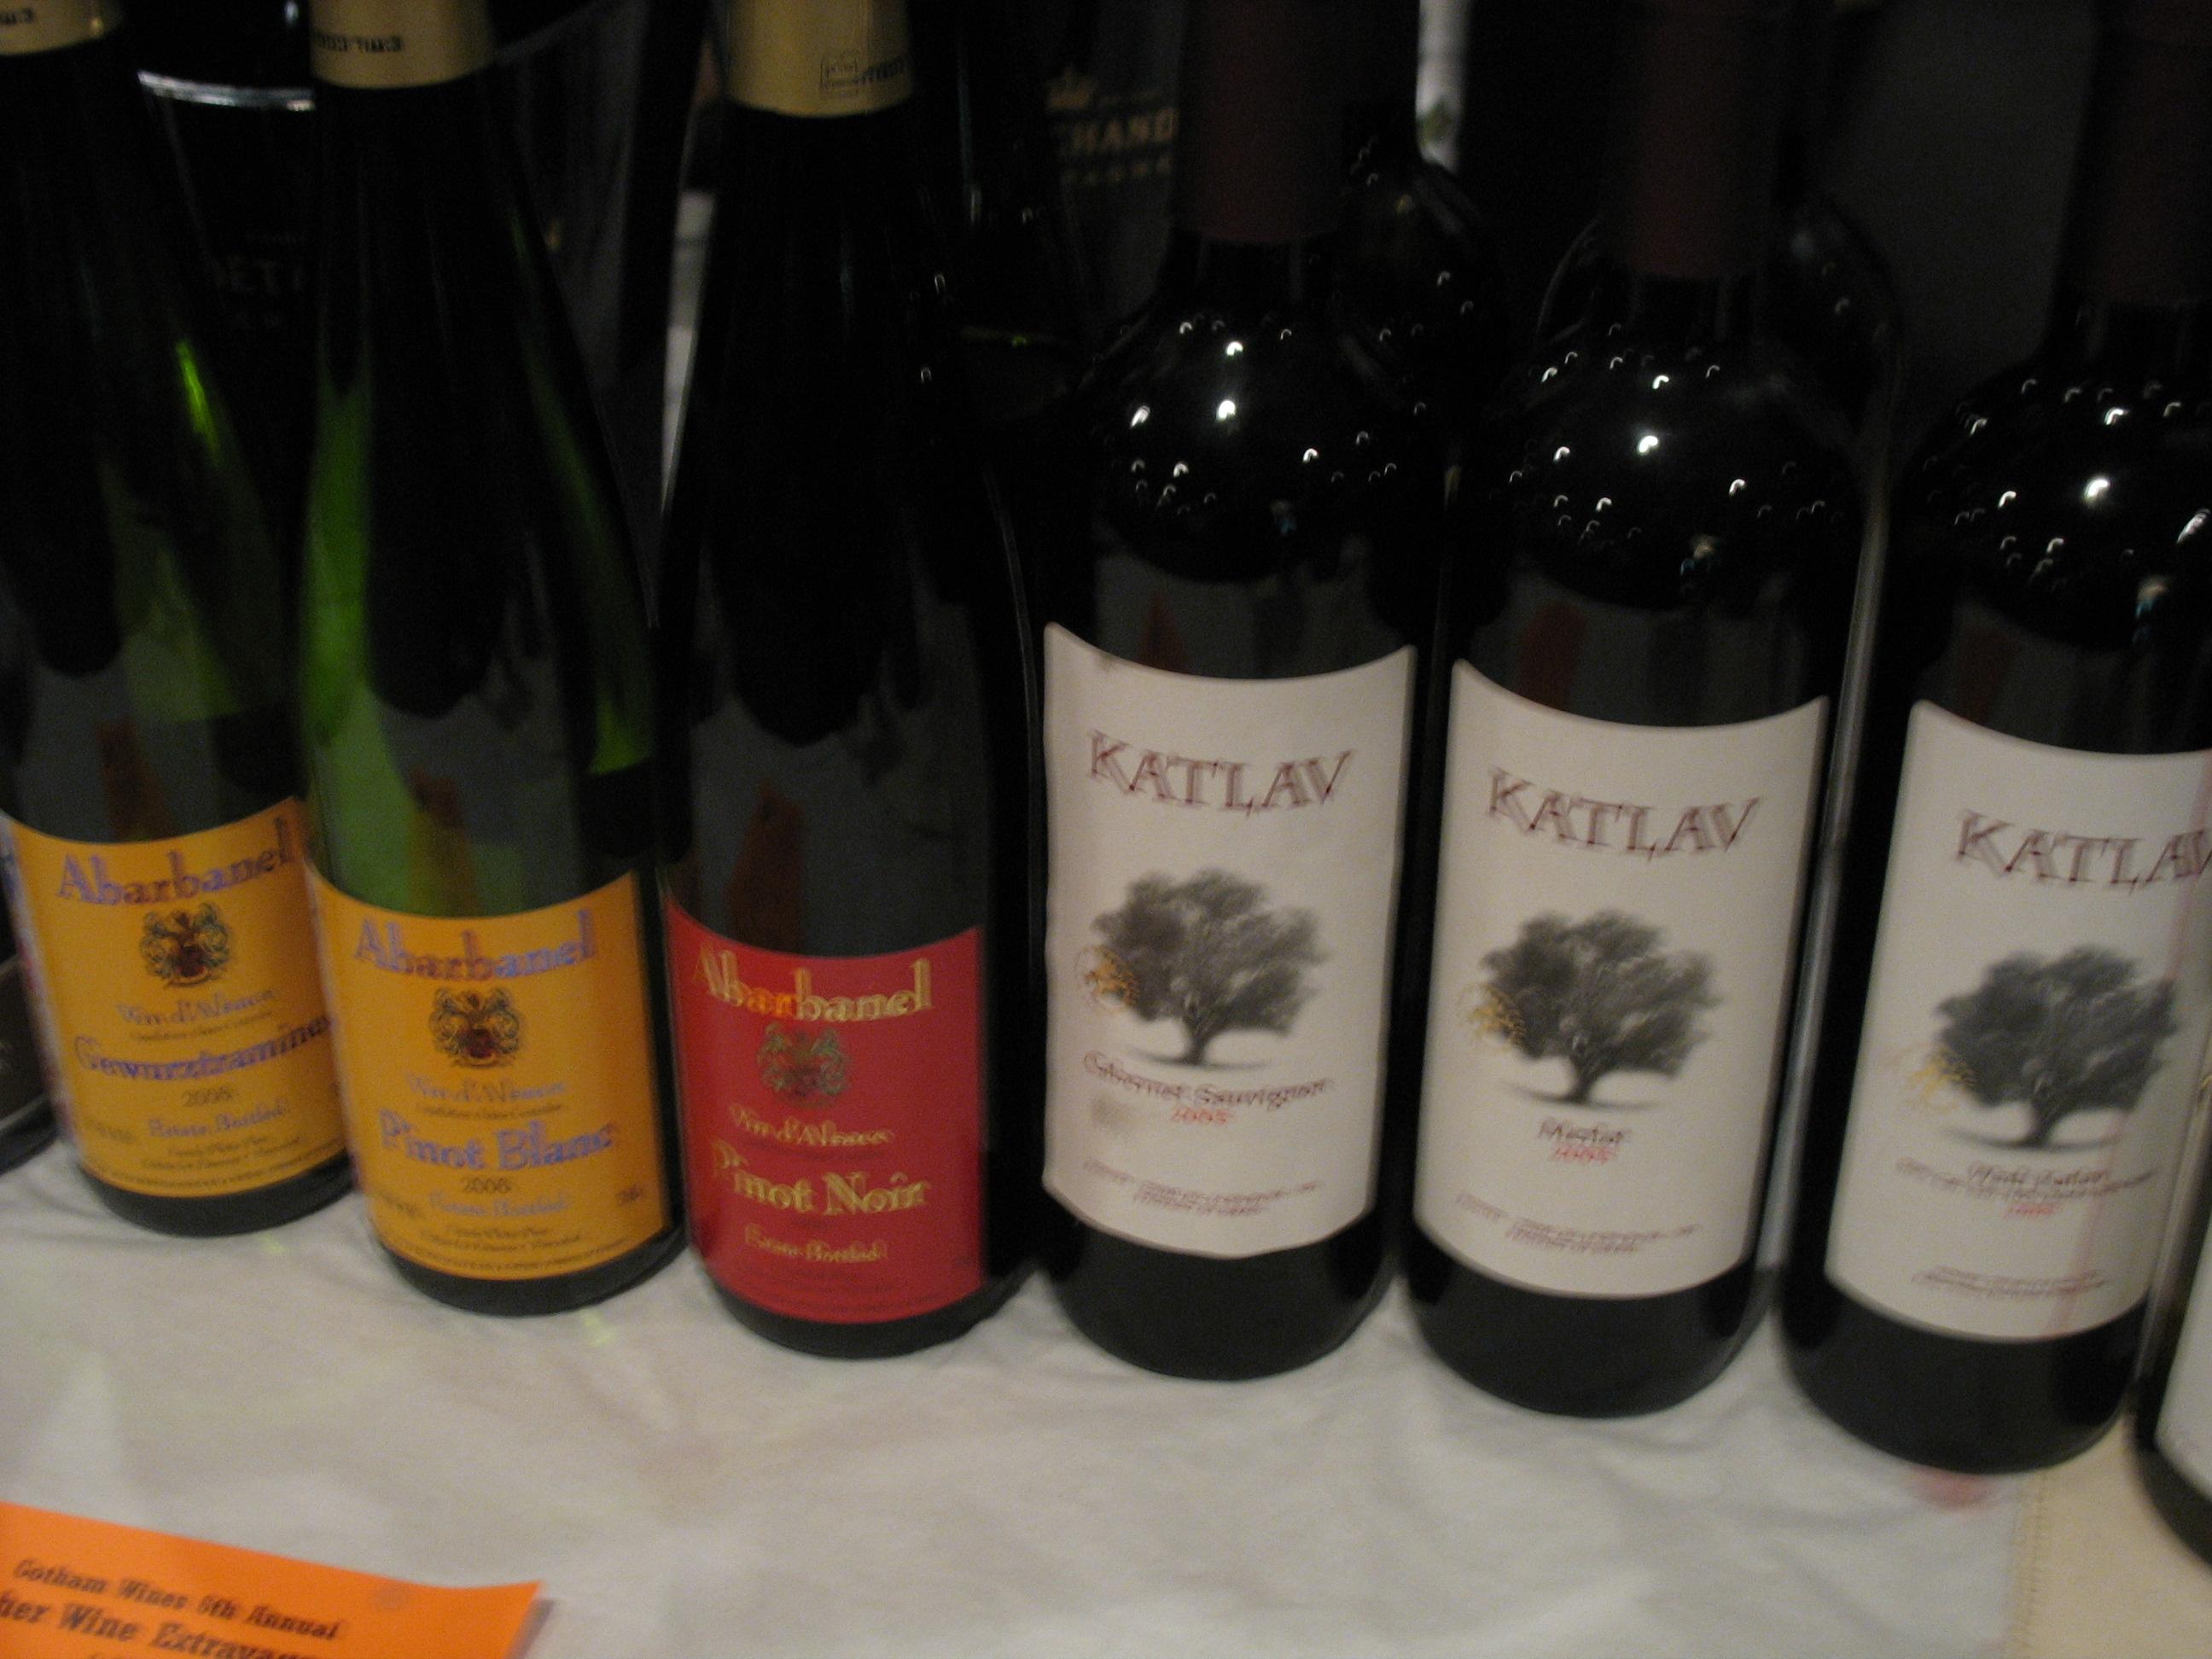 Abarbanel & Katlav Wines